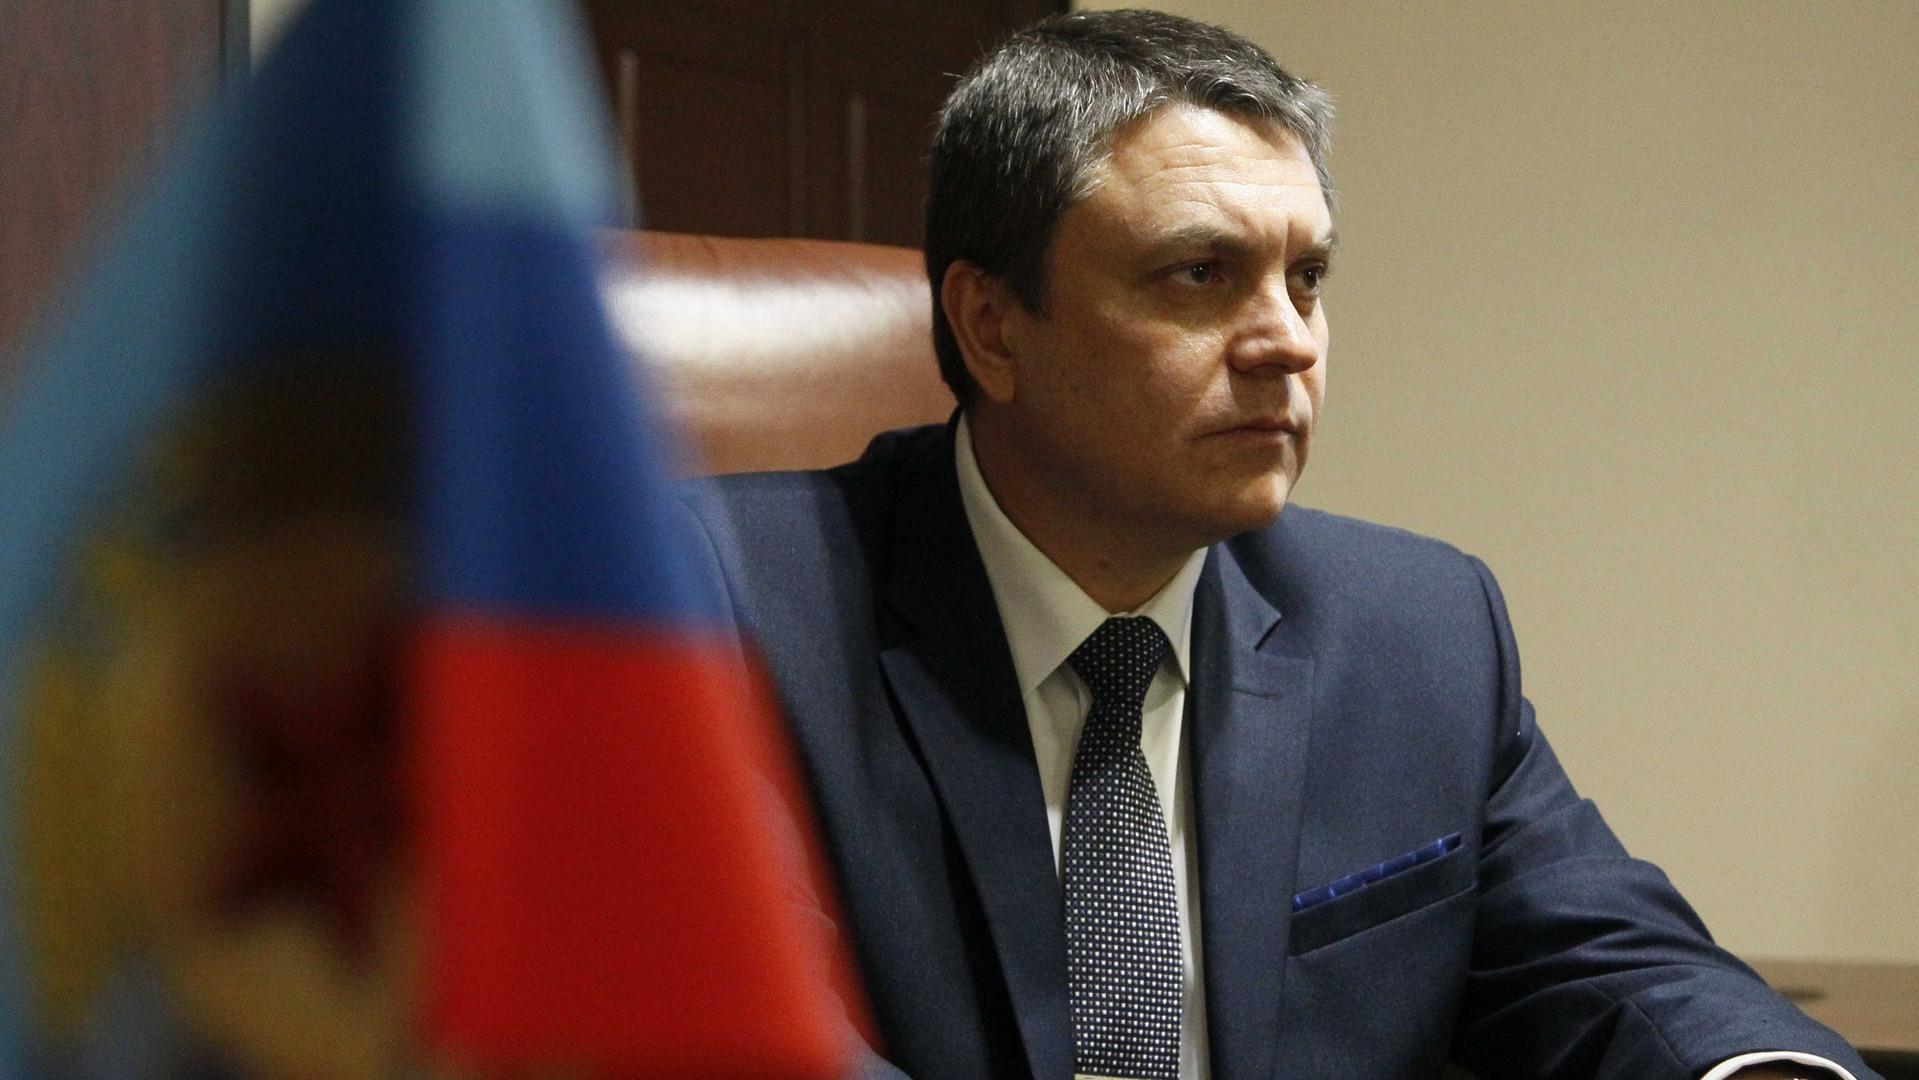 «Никакого кризиса власти»: как изменится обстановка в ЛНР с приходом нового главы республики